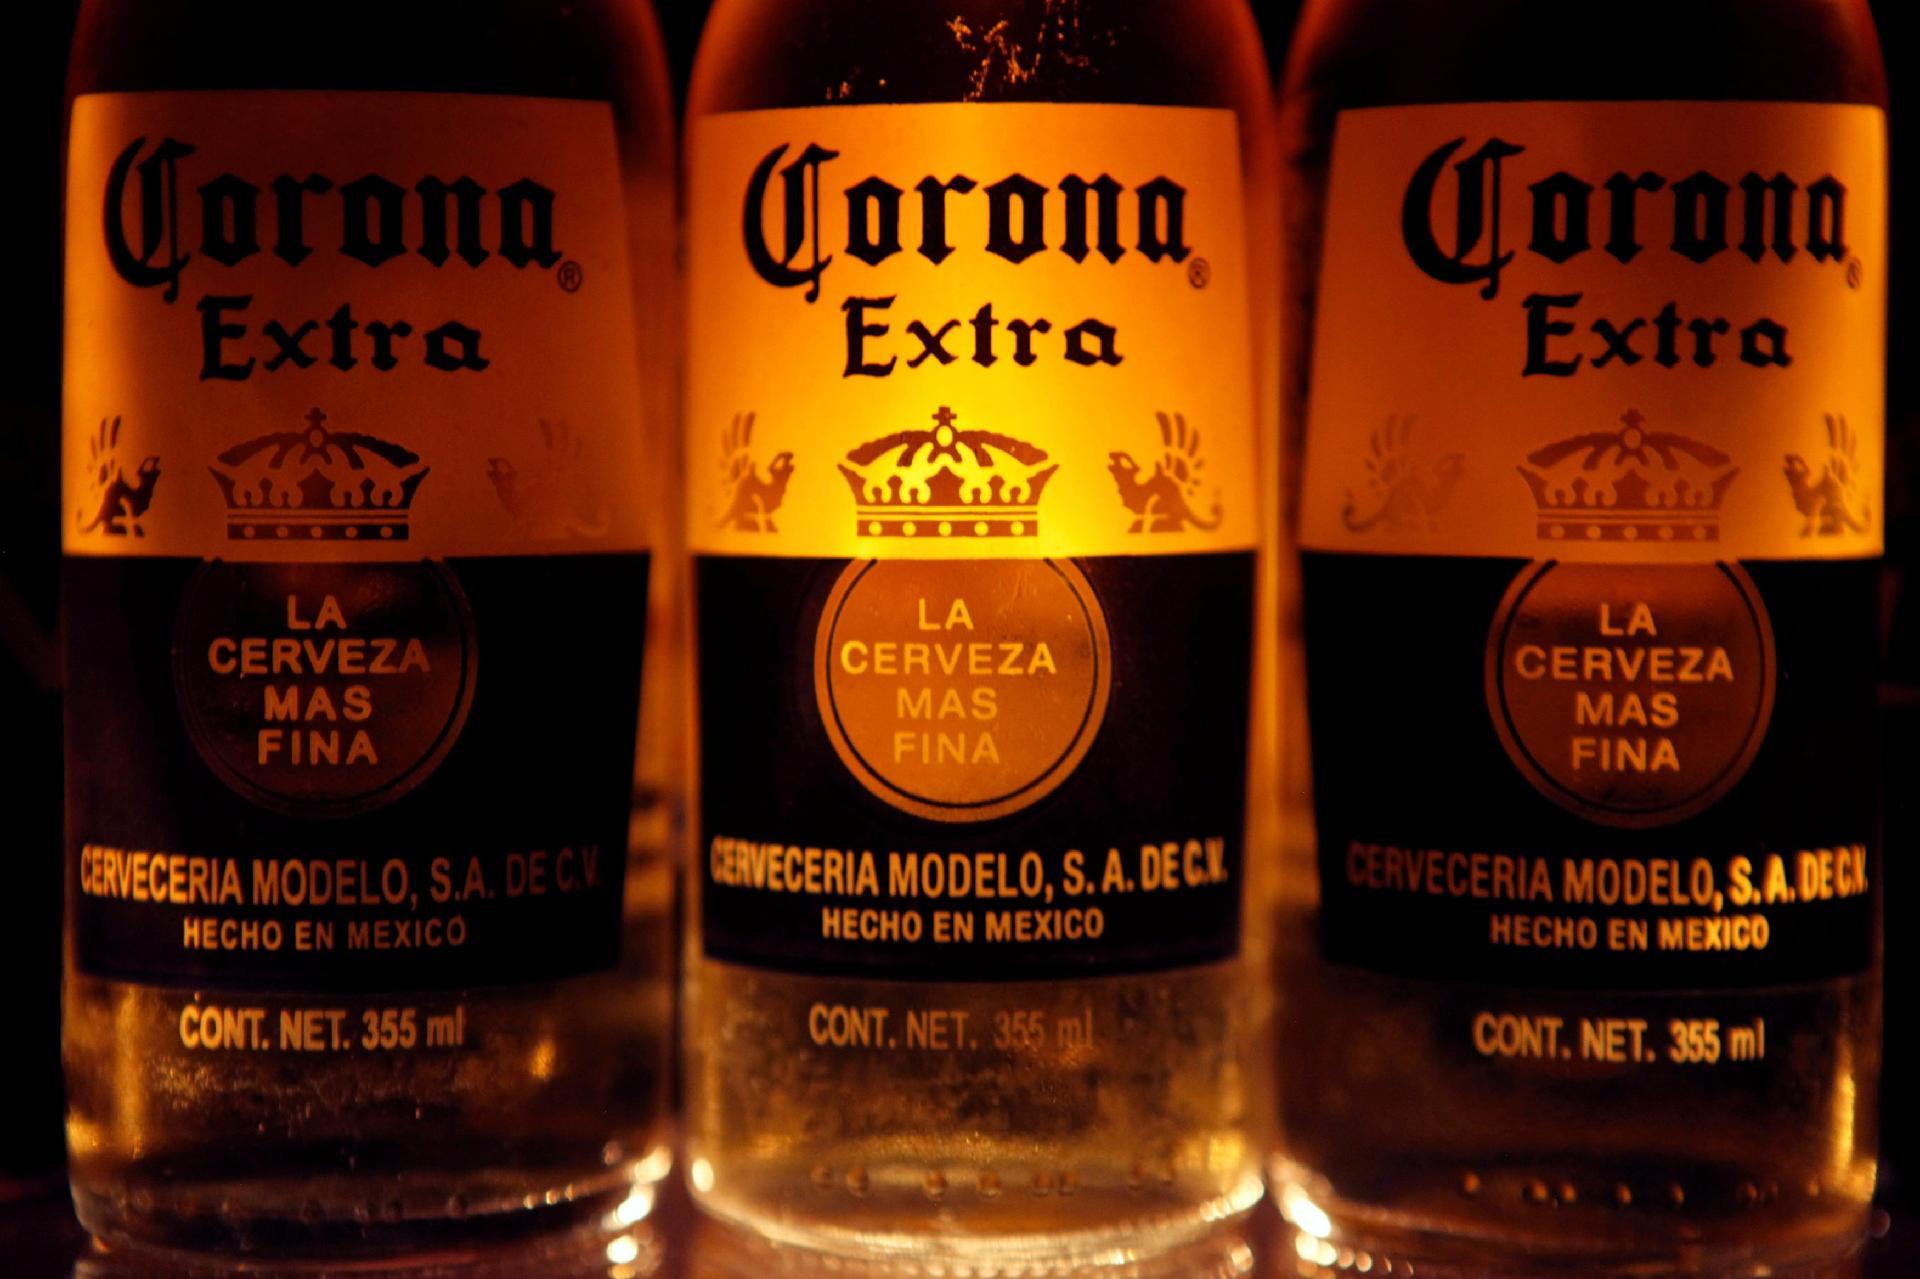 Cerveja Corona Tambem E Vitima De Coronavirus 27 02 2020 Uol Economia